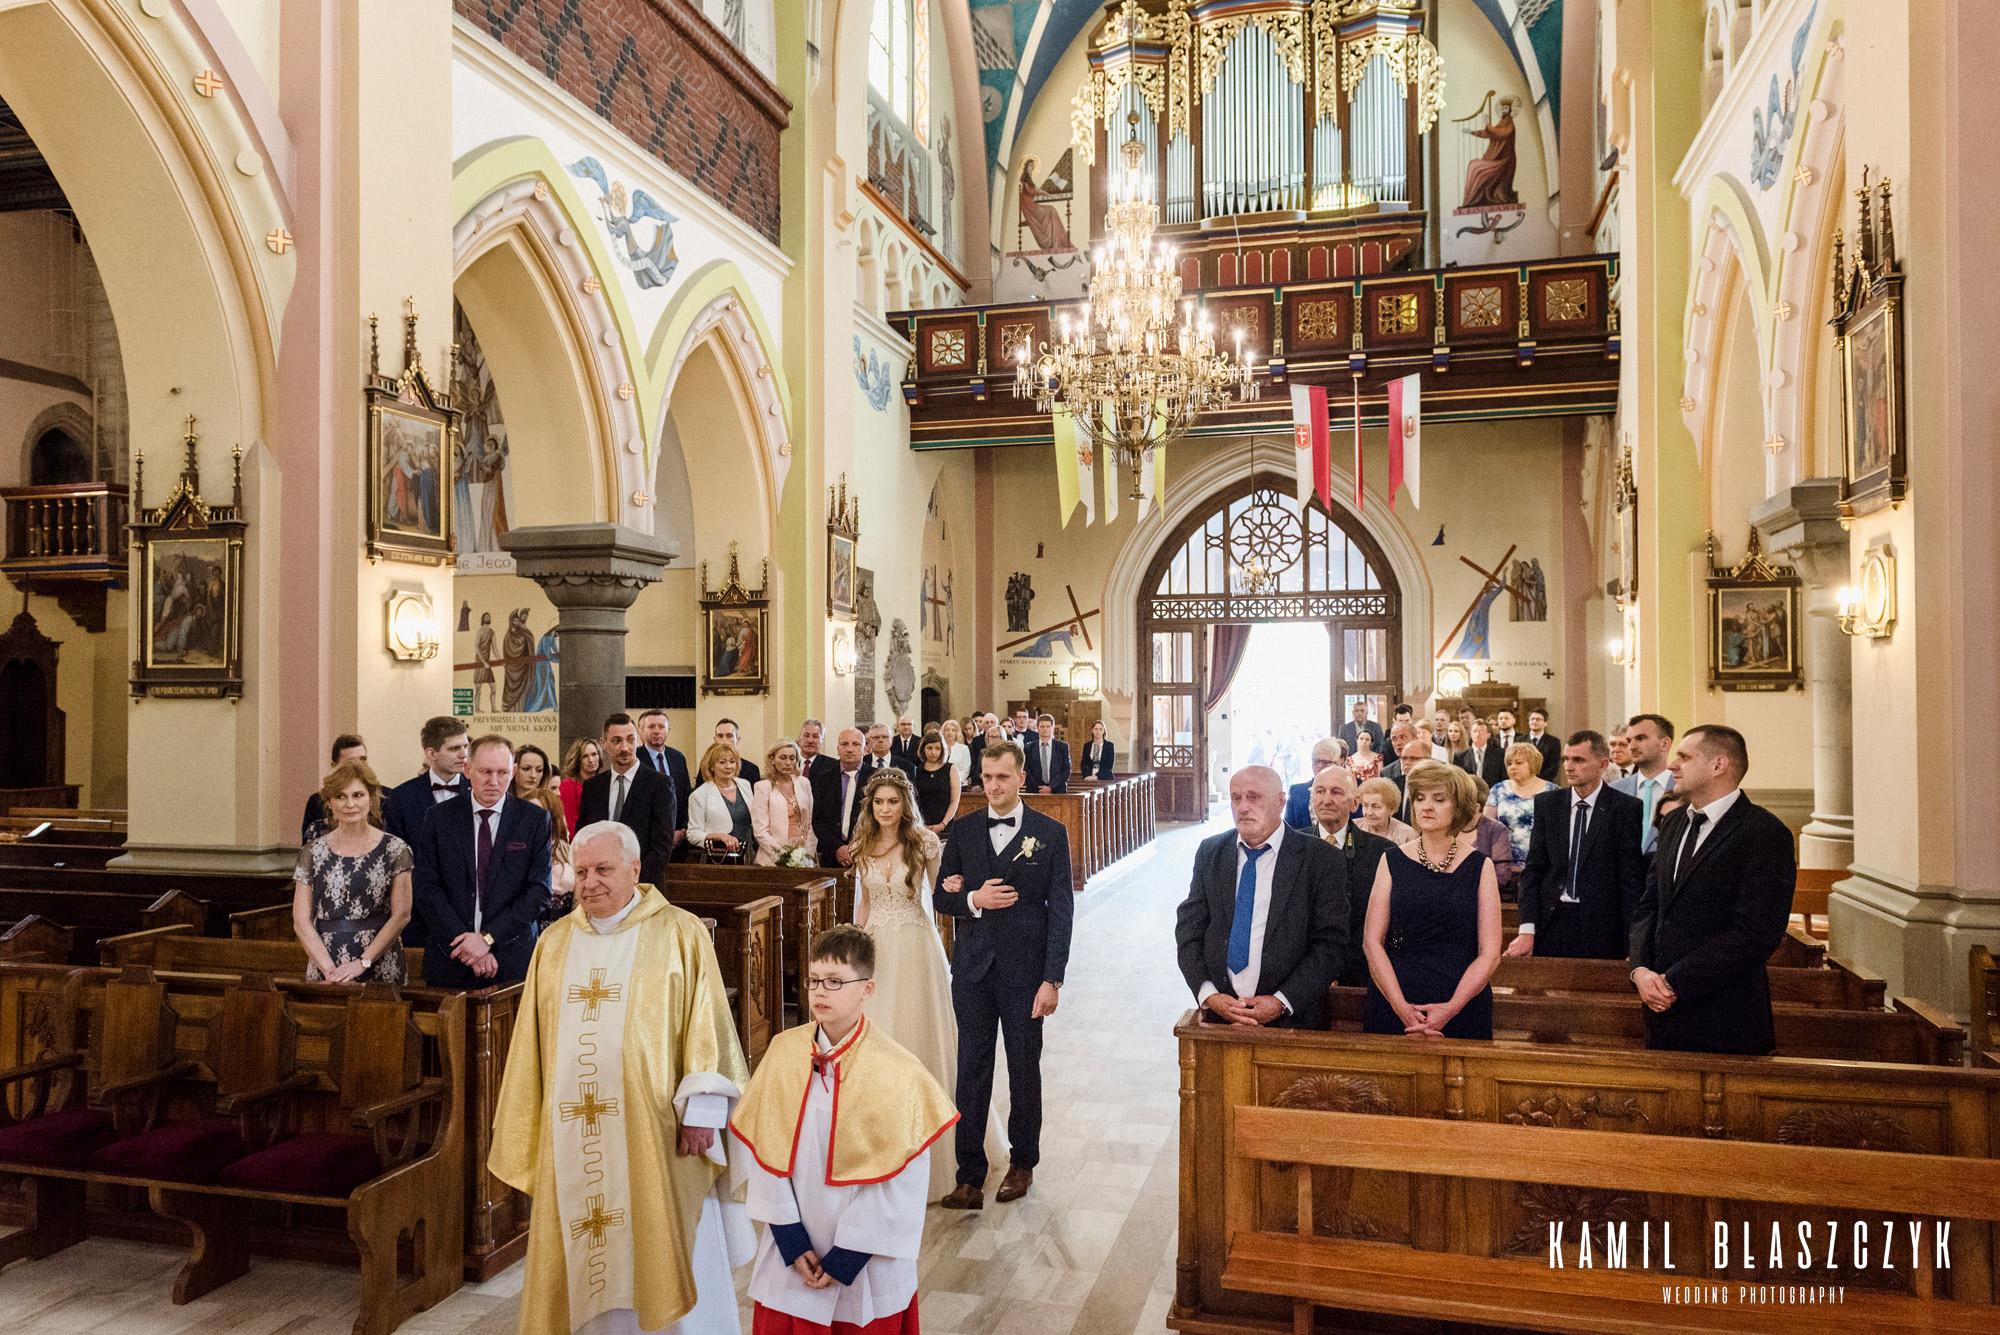 Wejście do kościoła z księdzem Angelika i Benek